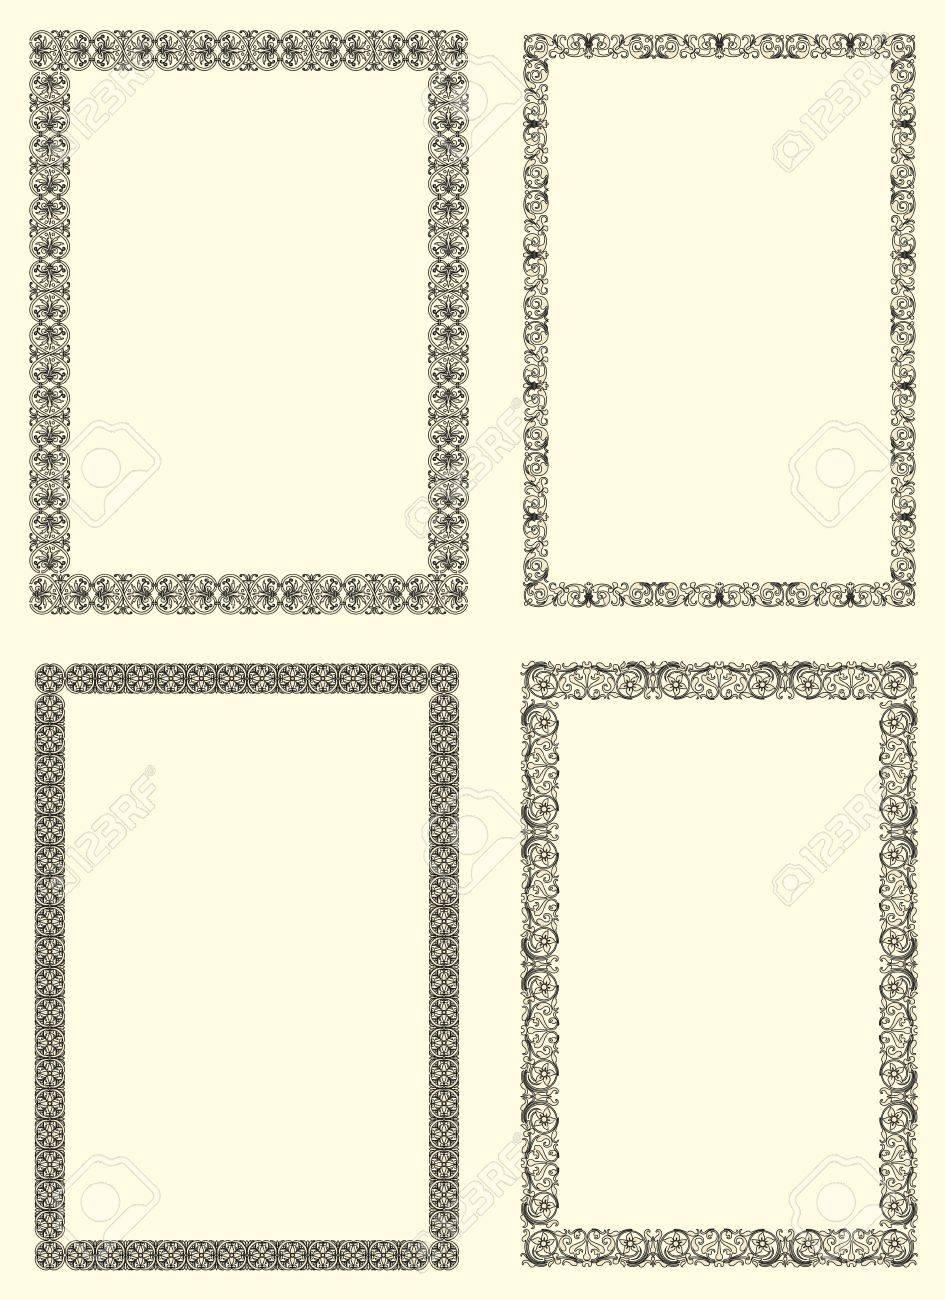 Conjunto De Cuatro Marco De La Vendimia Ornamentales Del Siglo XVII ...